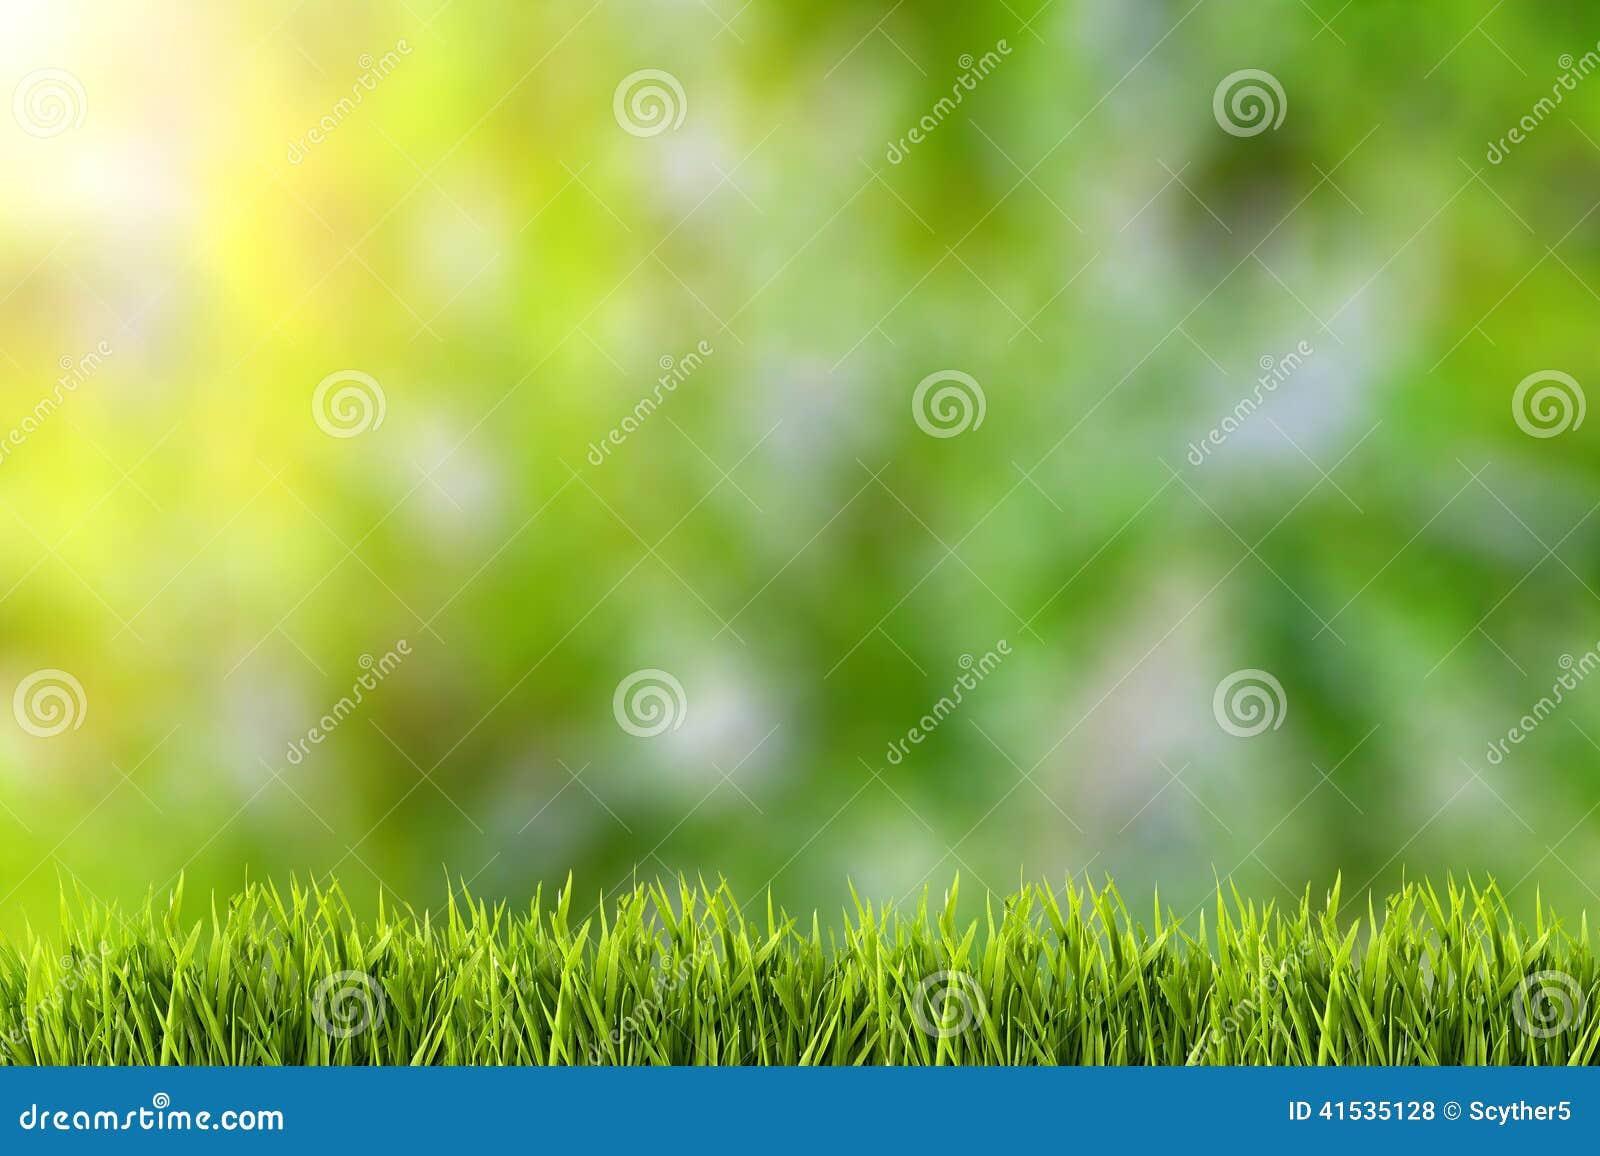 Αφηρημένα φυσικά υπόβαθρα στην πράσινη χλόη